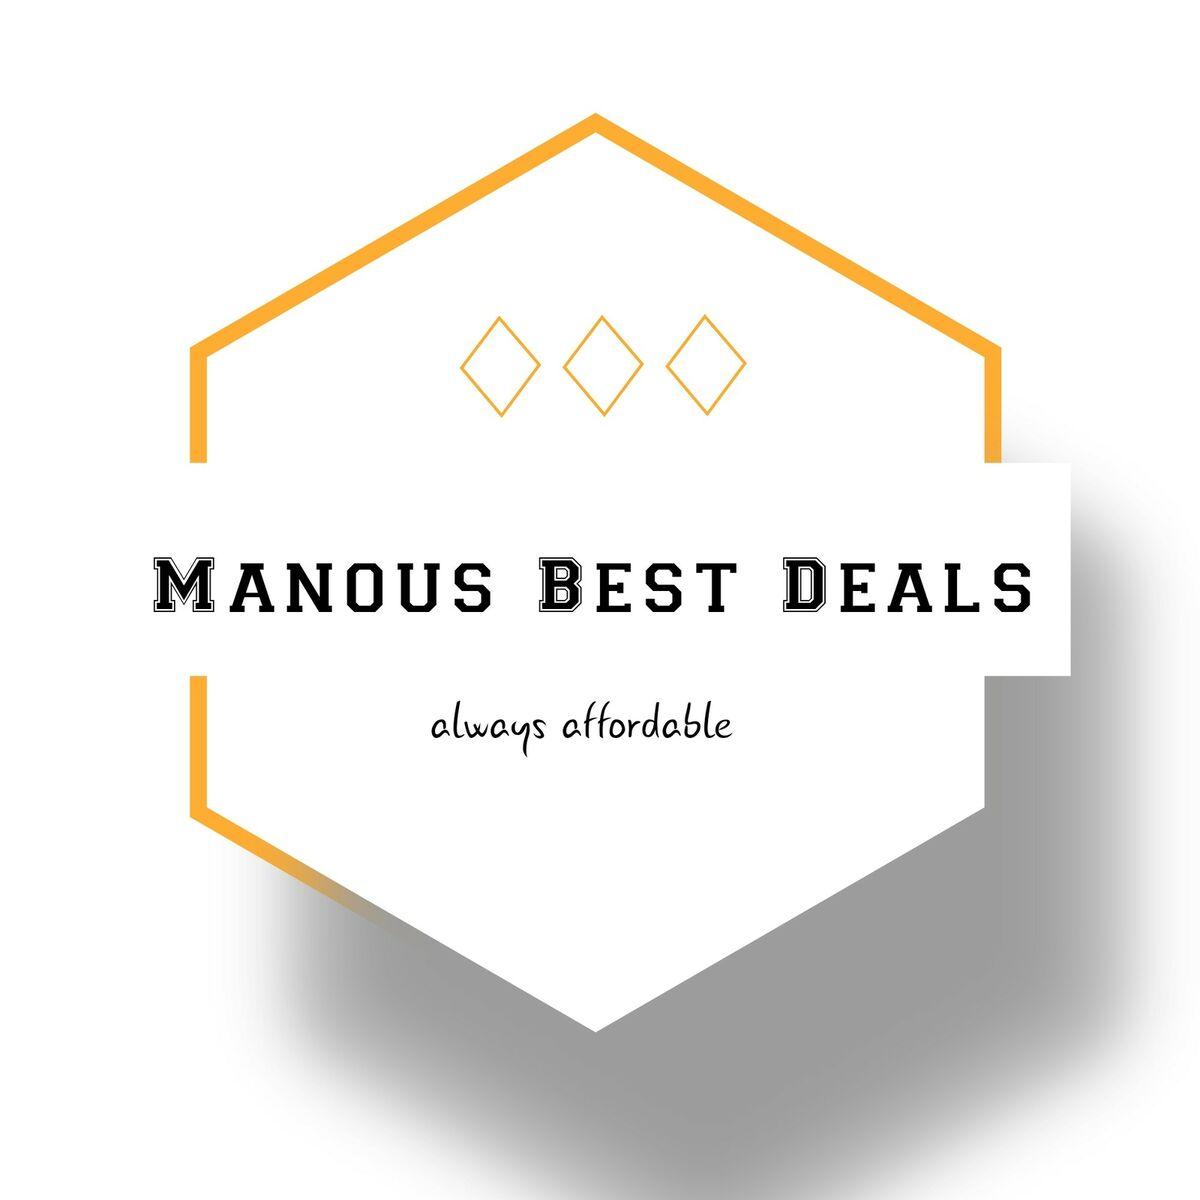 Manous Best Deals